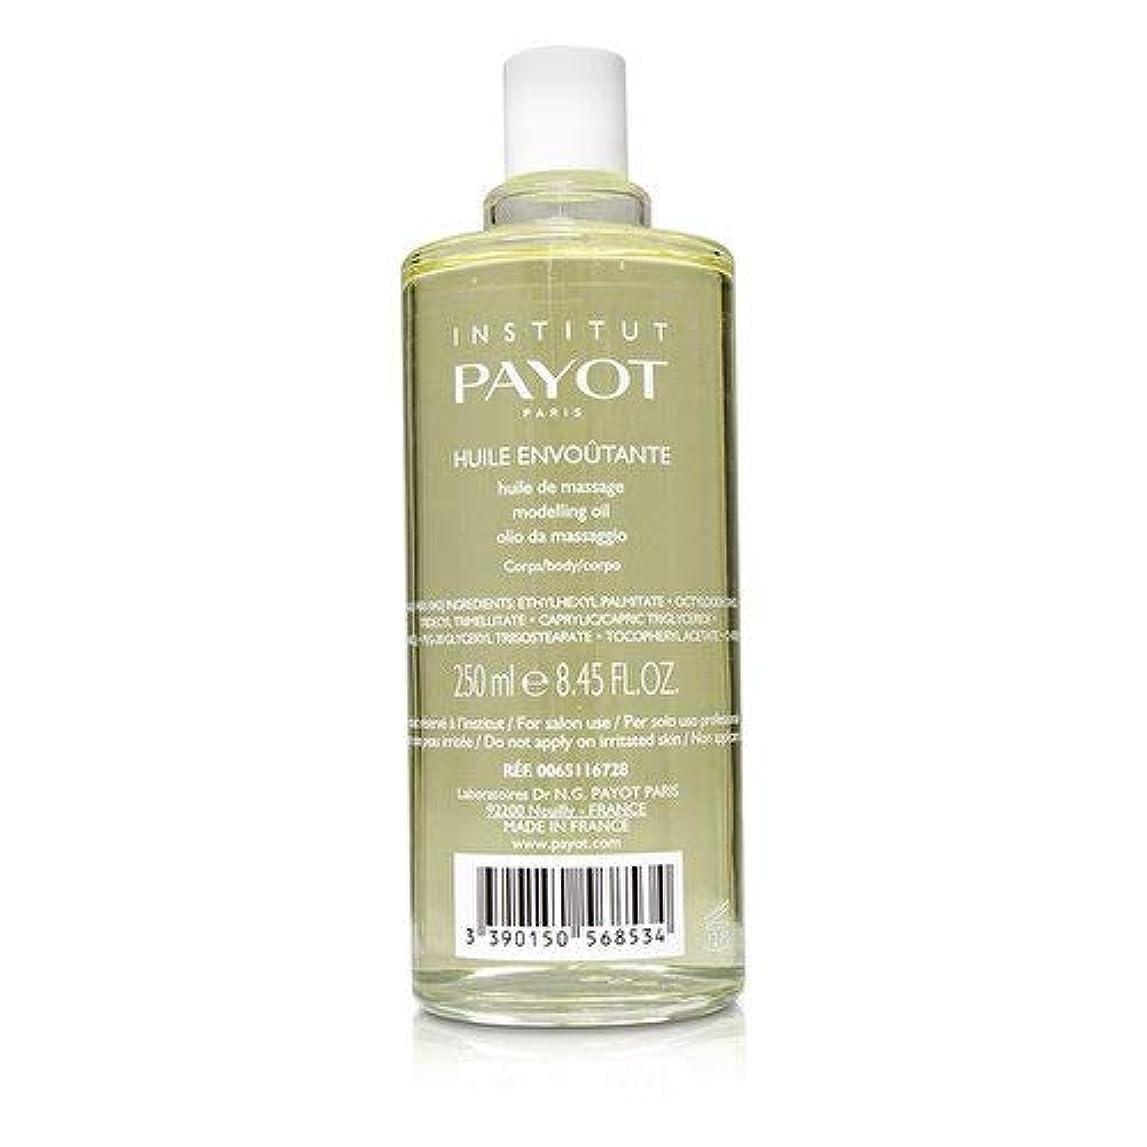 全体解くキャンドルパイヨ Huile Envoutante - Body Massage Oil (White Flower & Honey) (Salon Product) 250ml/8.4oz並行輸入品